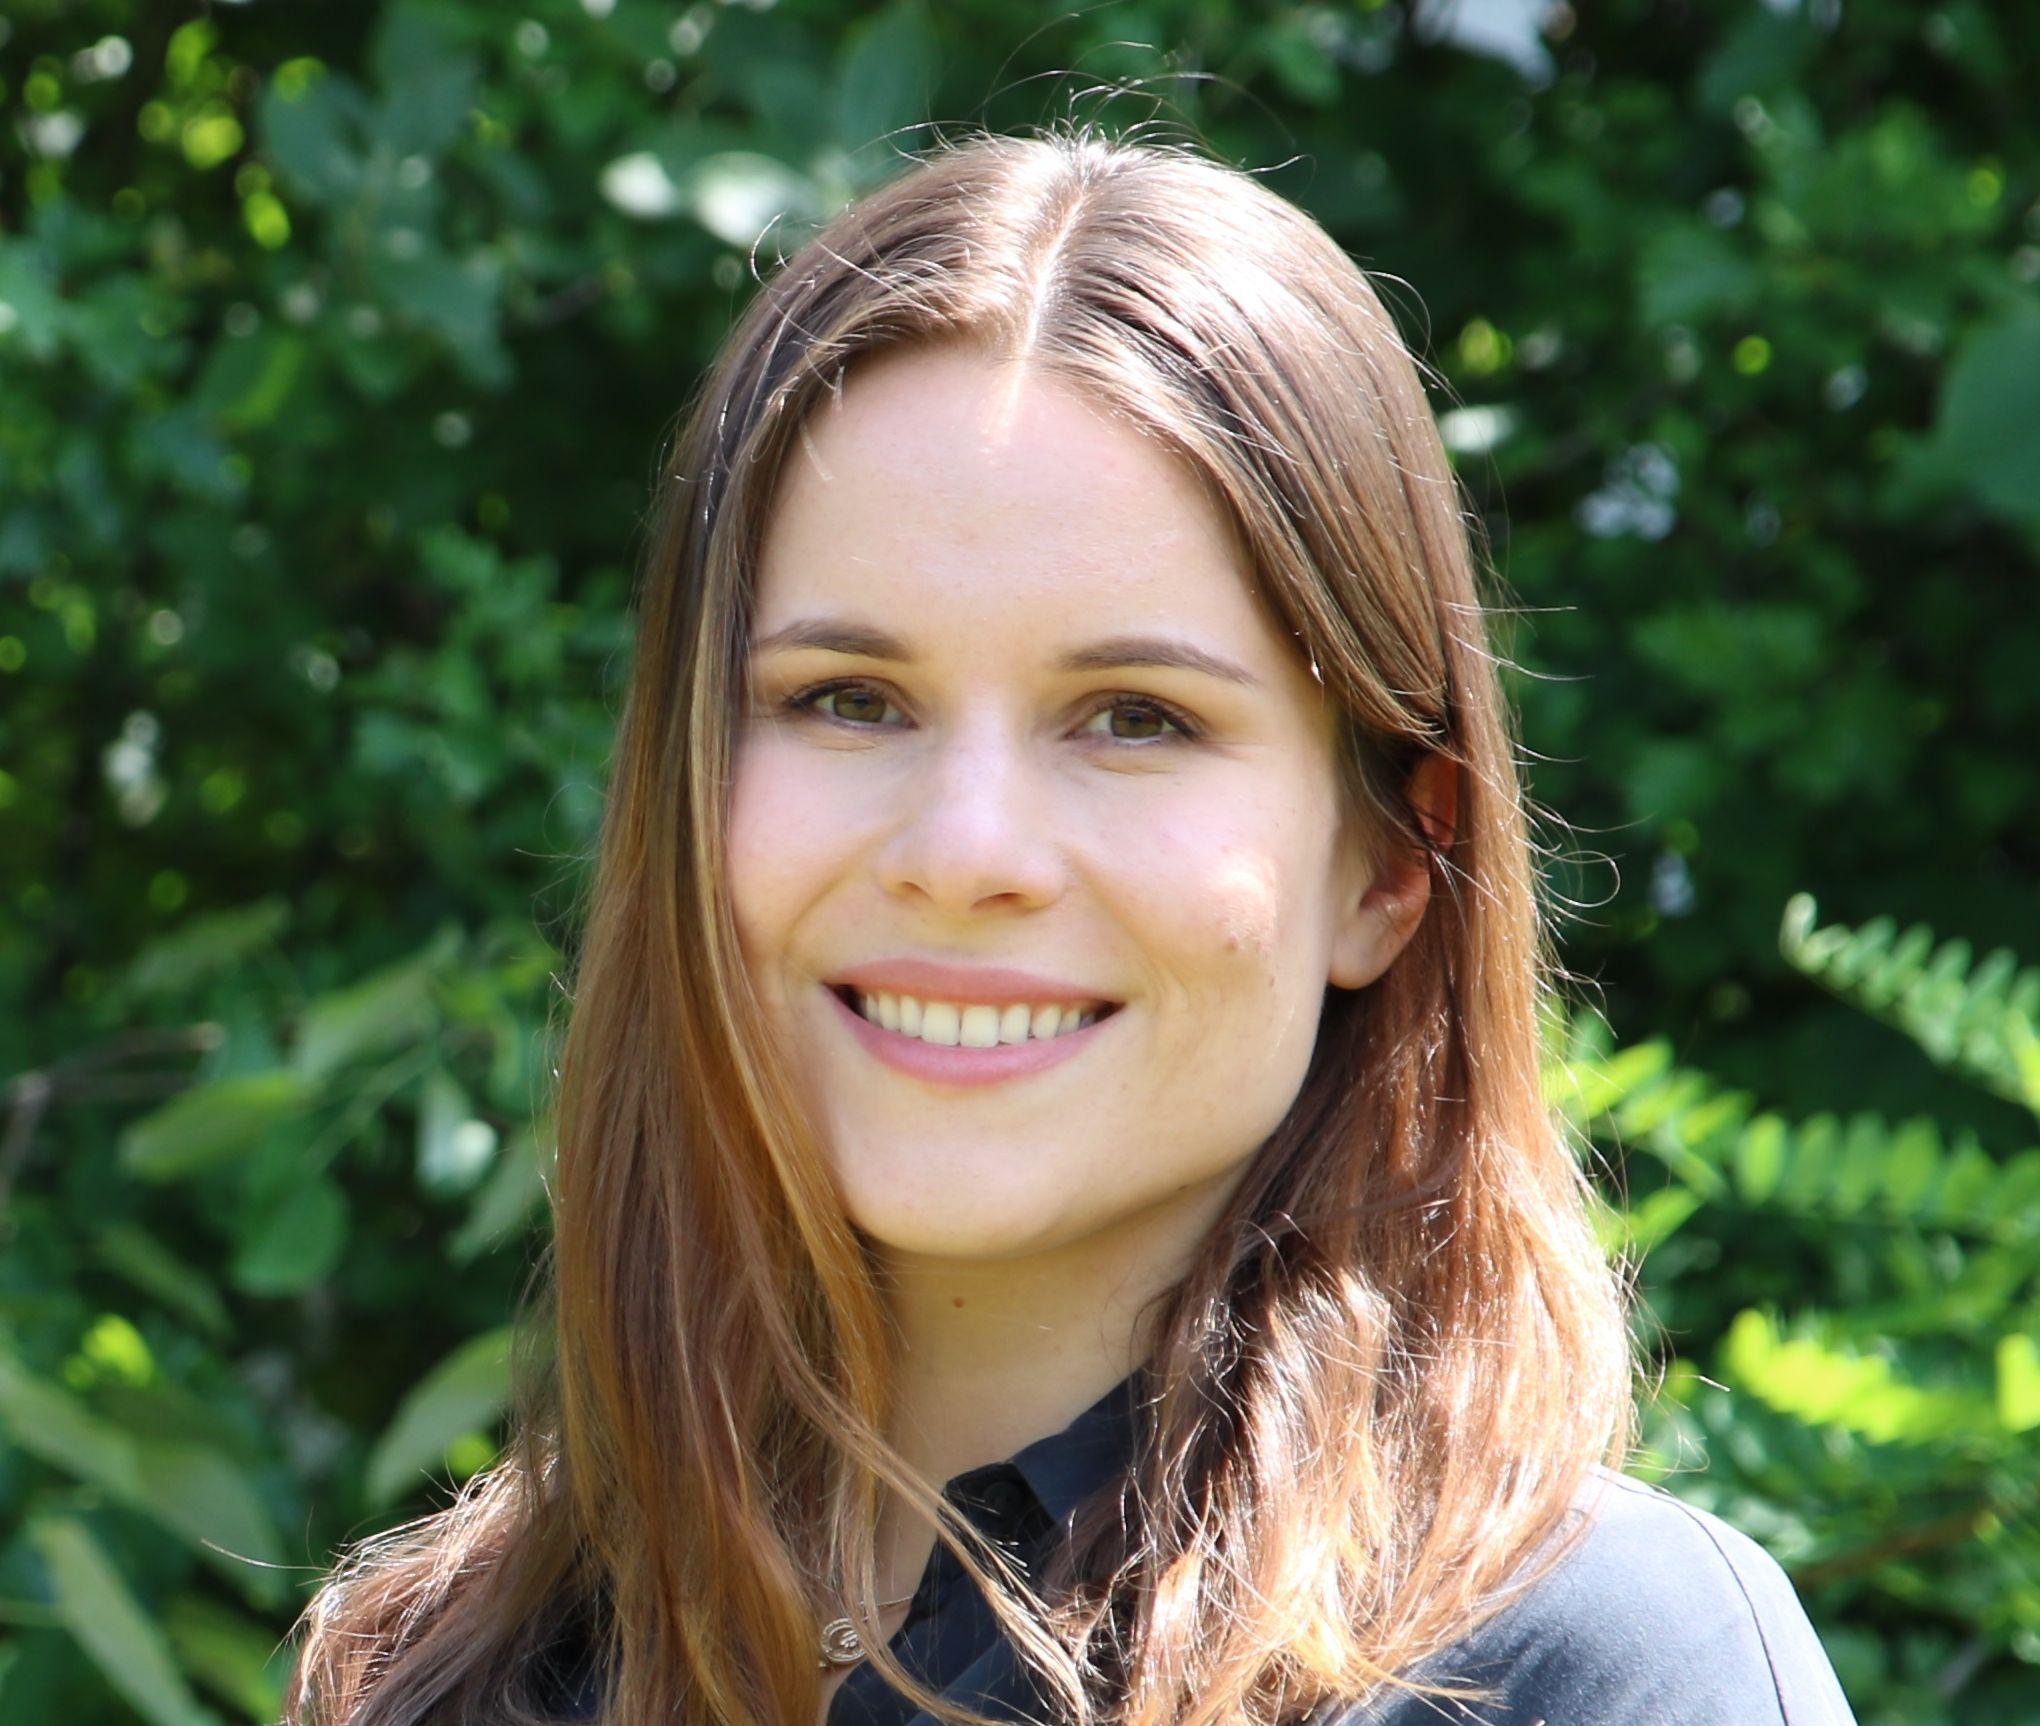 Oxana Wentland